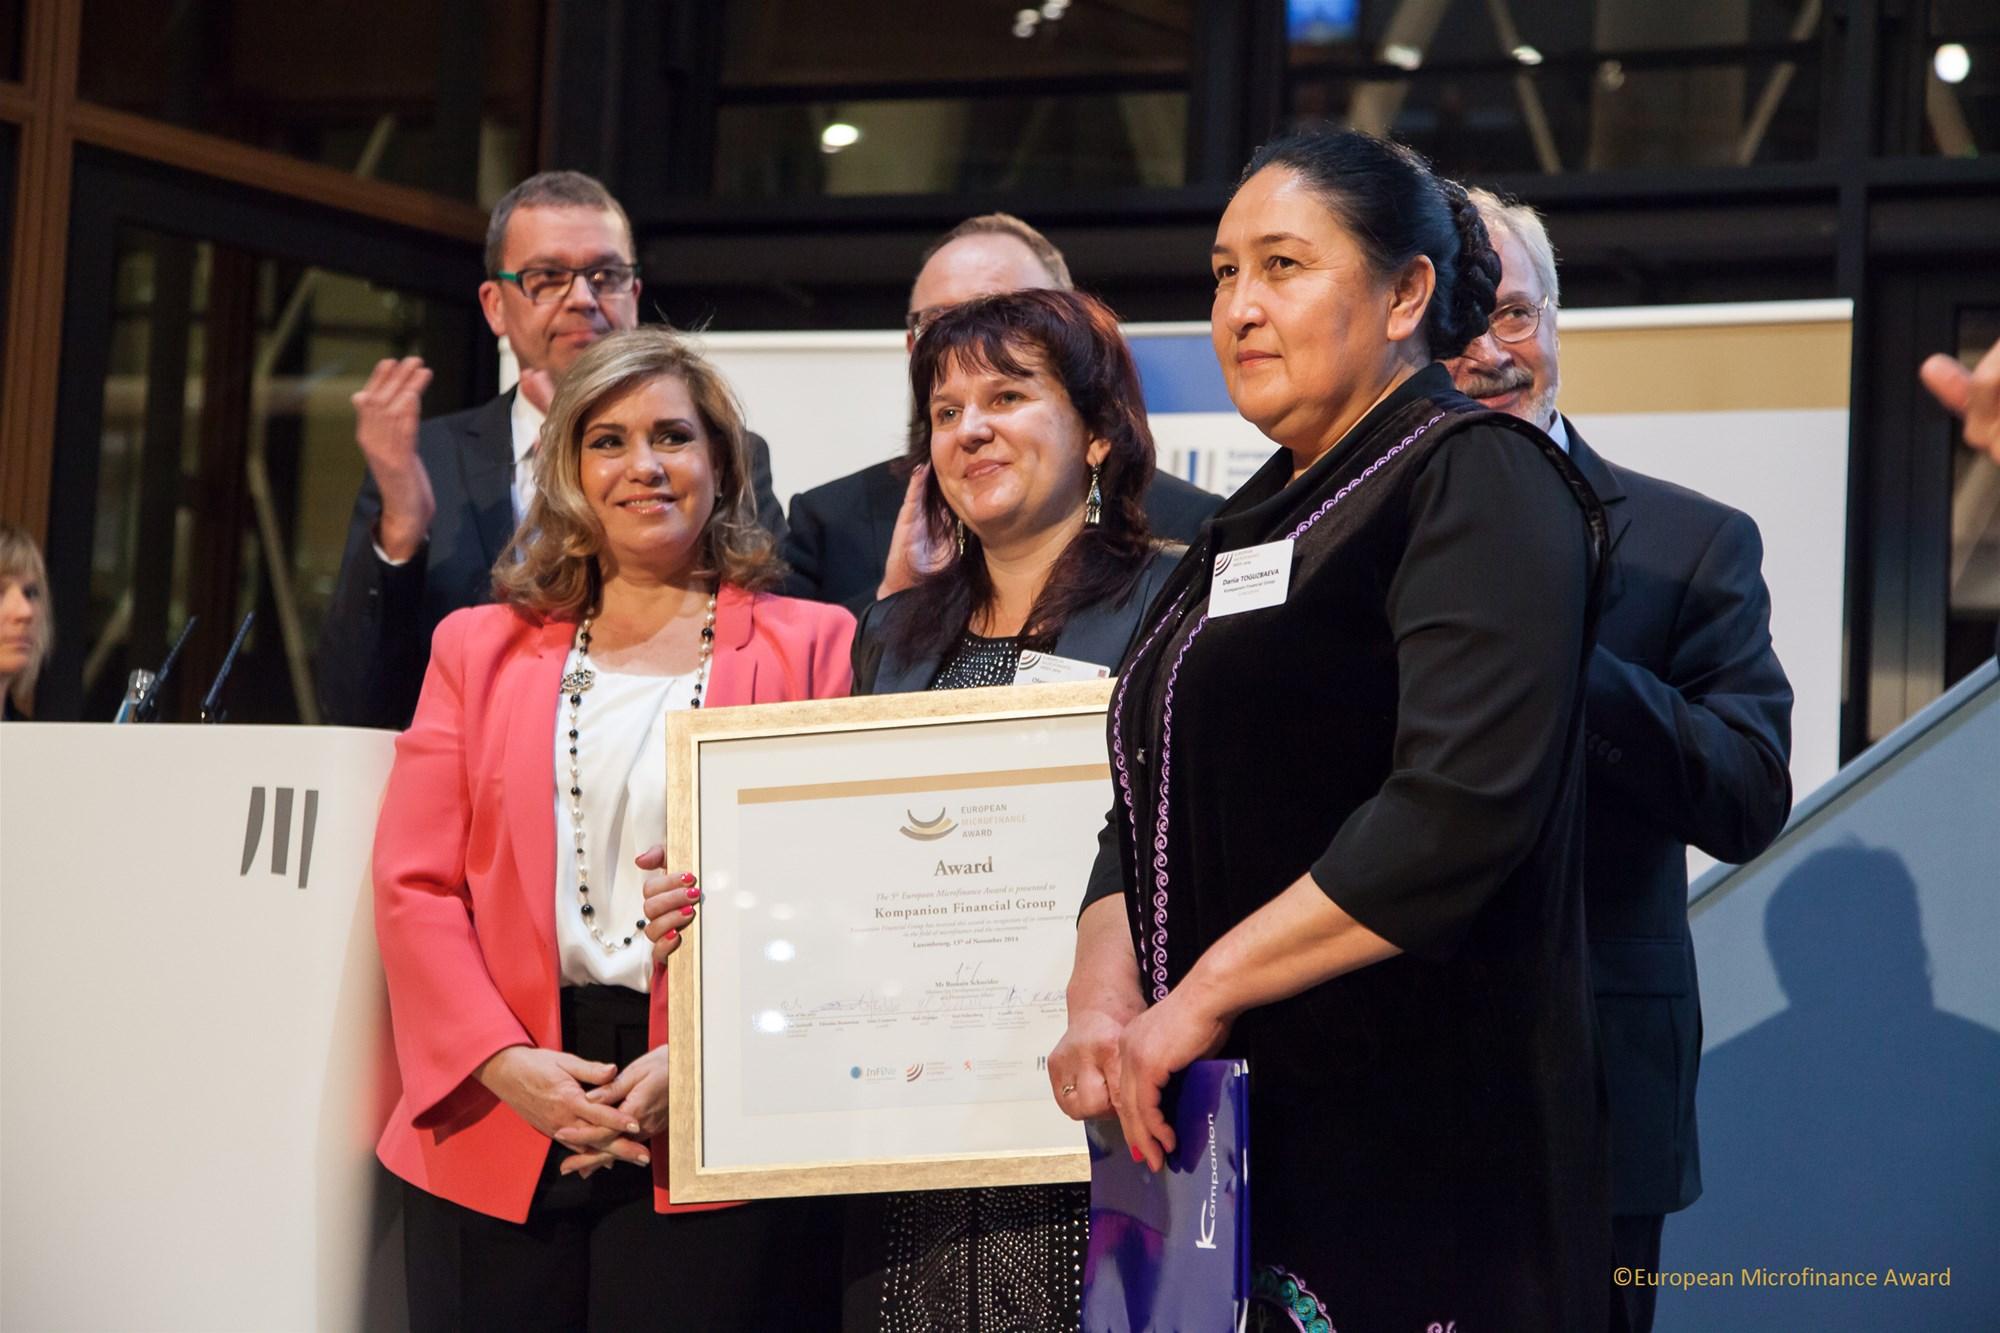 The 5th European Microfinance Award 2014